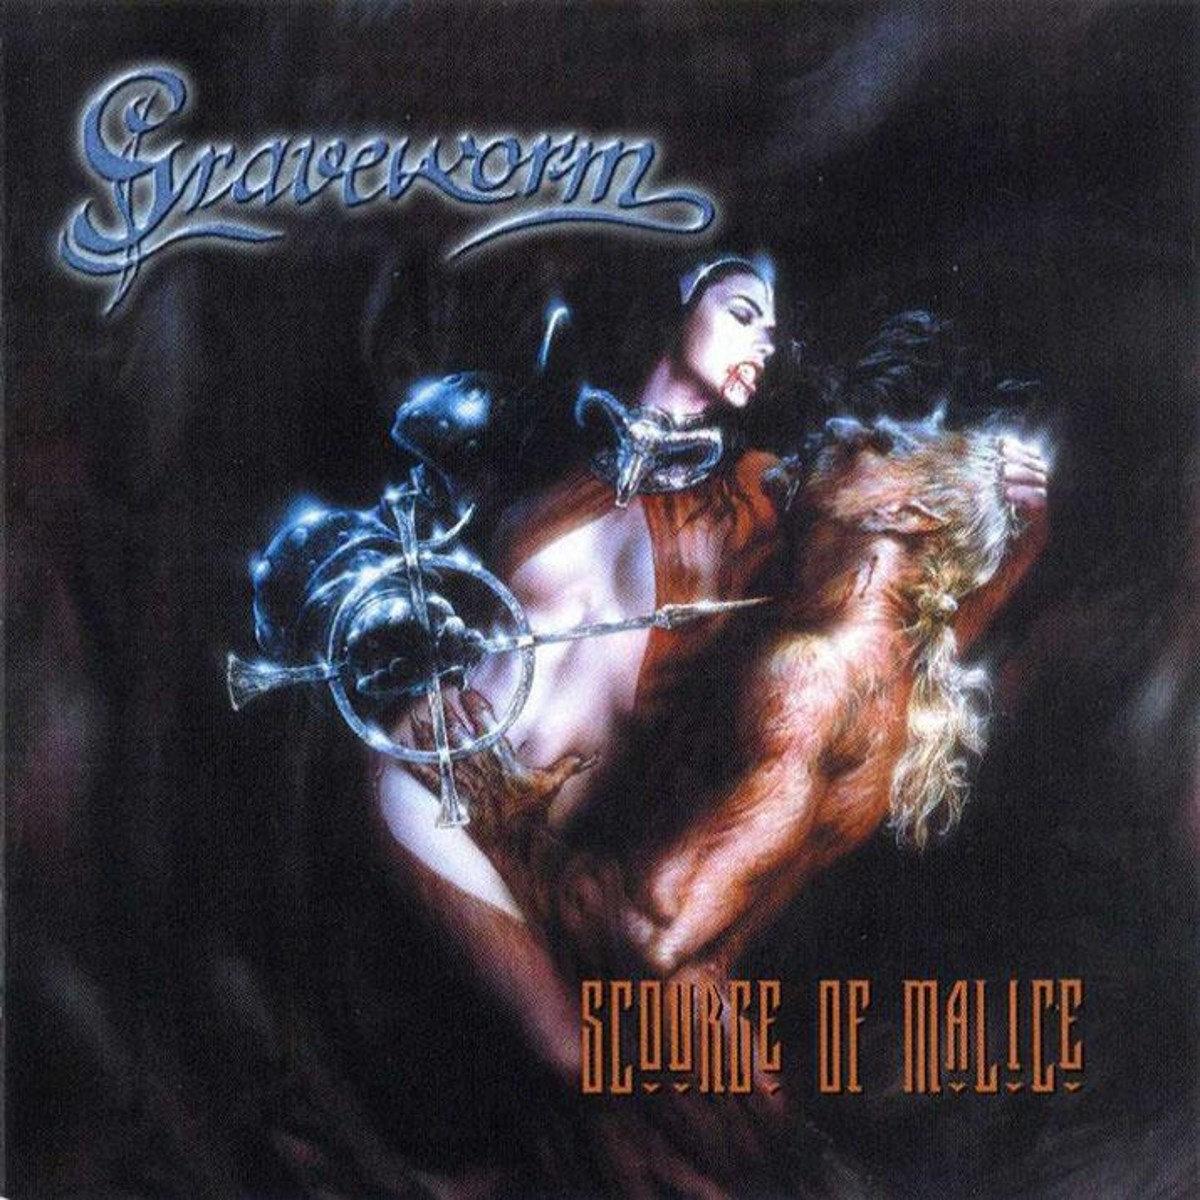 discografia completa de graveworm